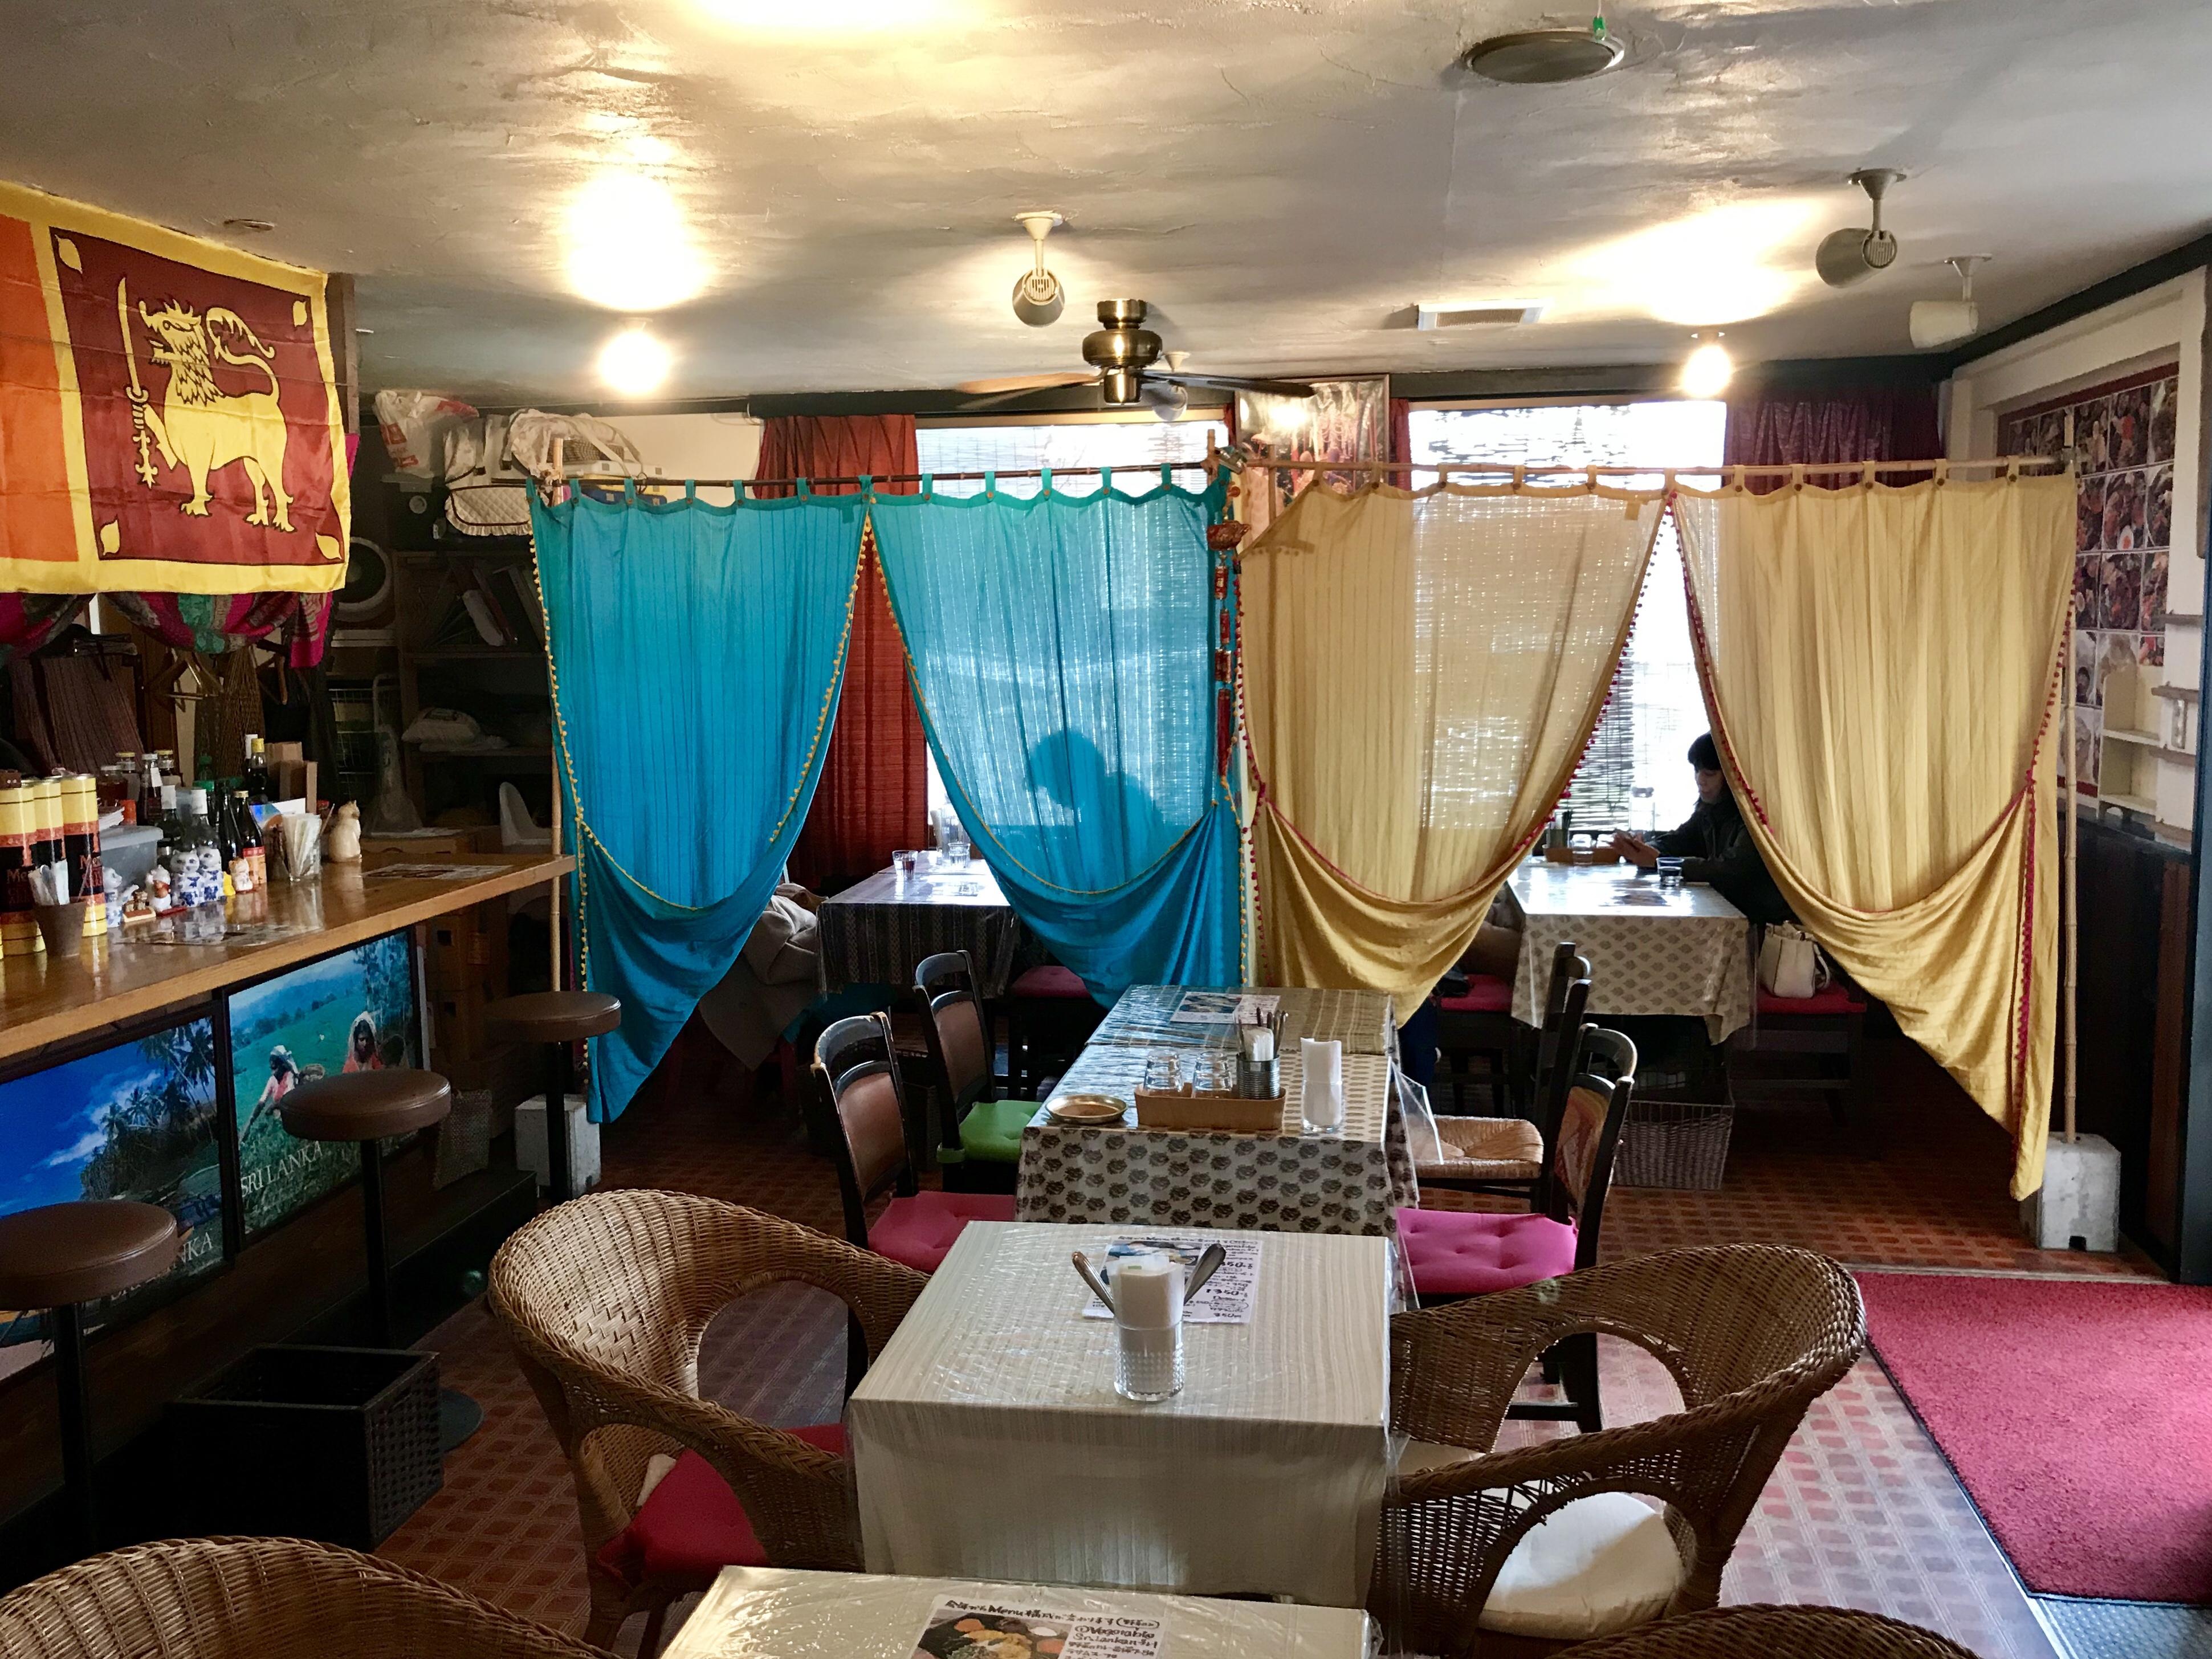 水戸のスリランカ料理コジコジ店内